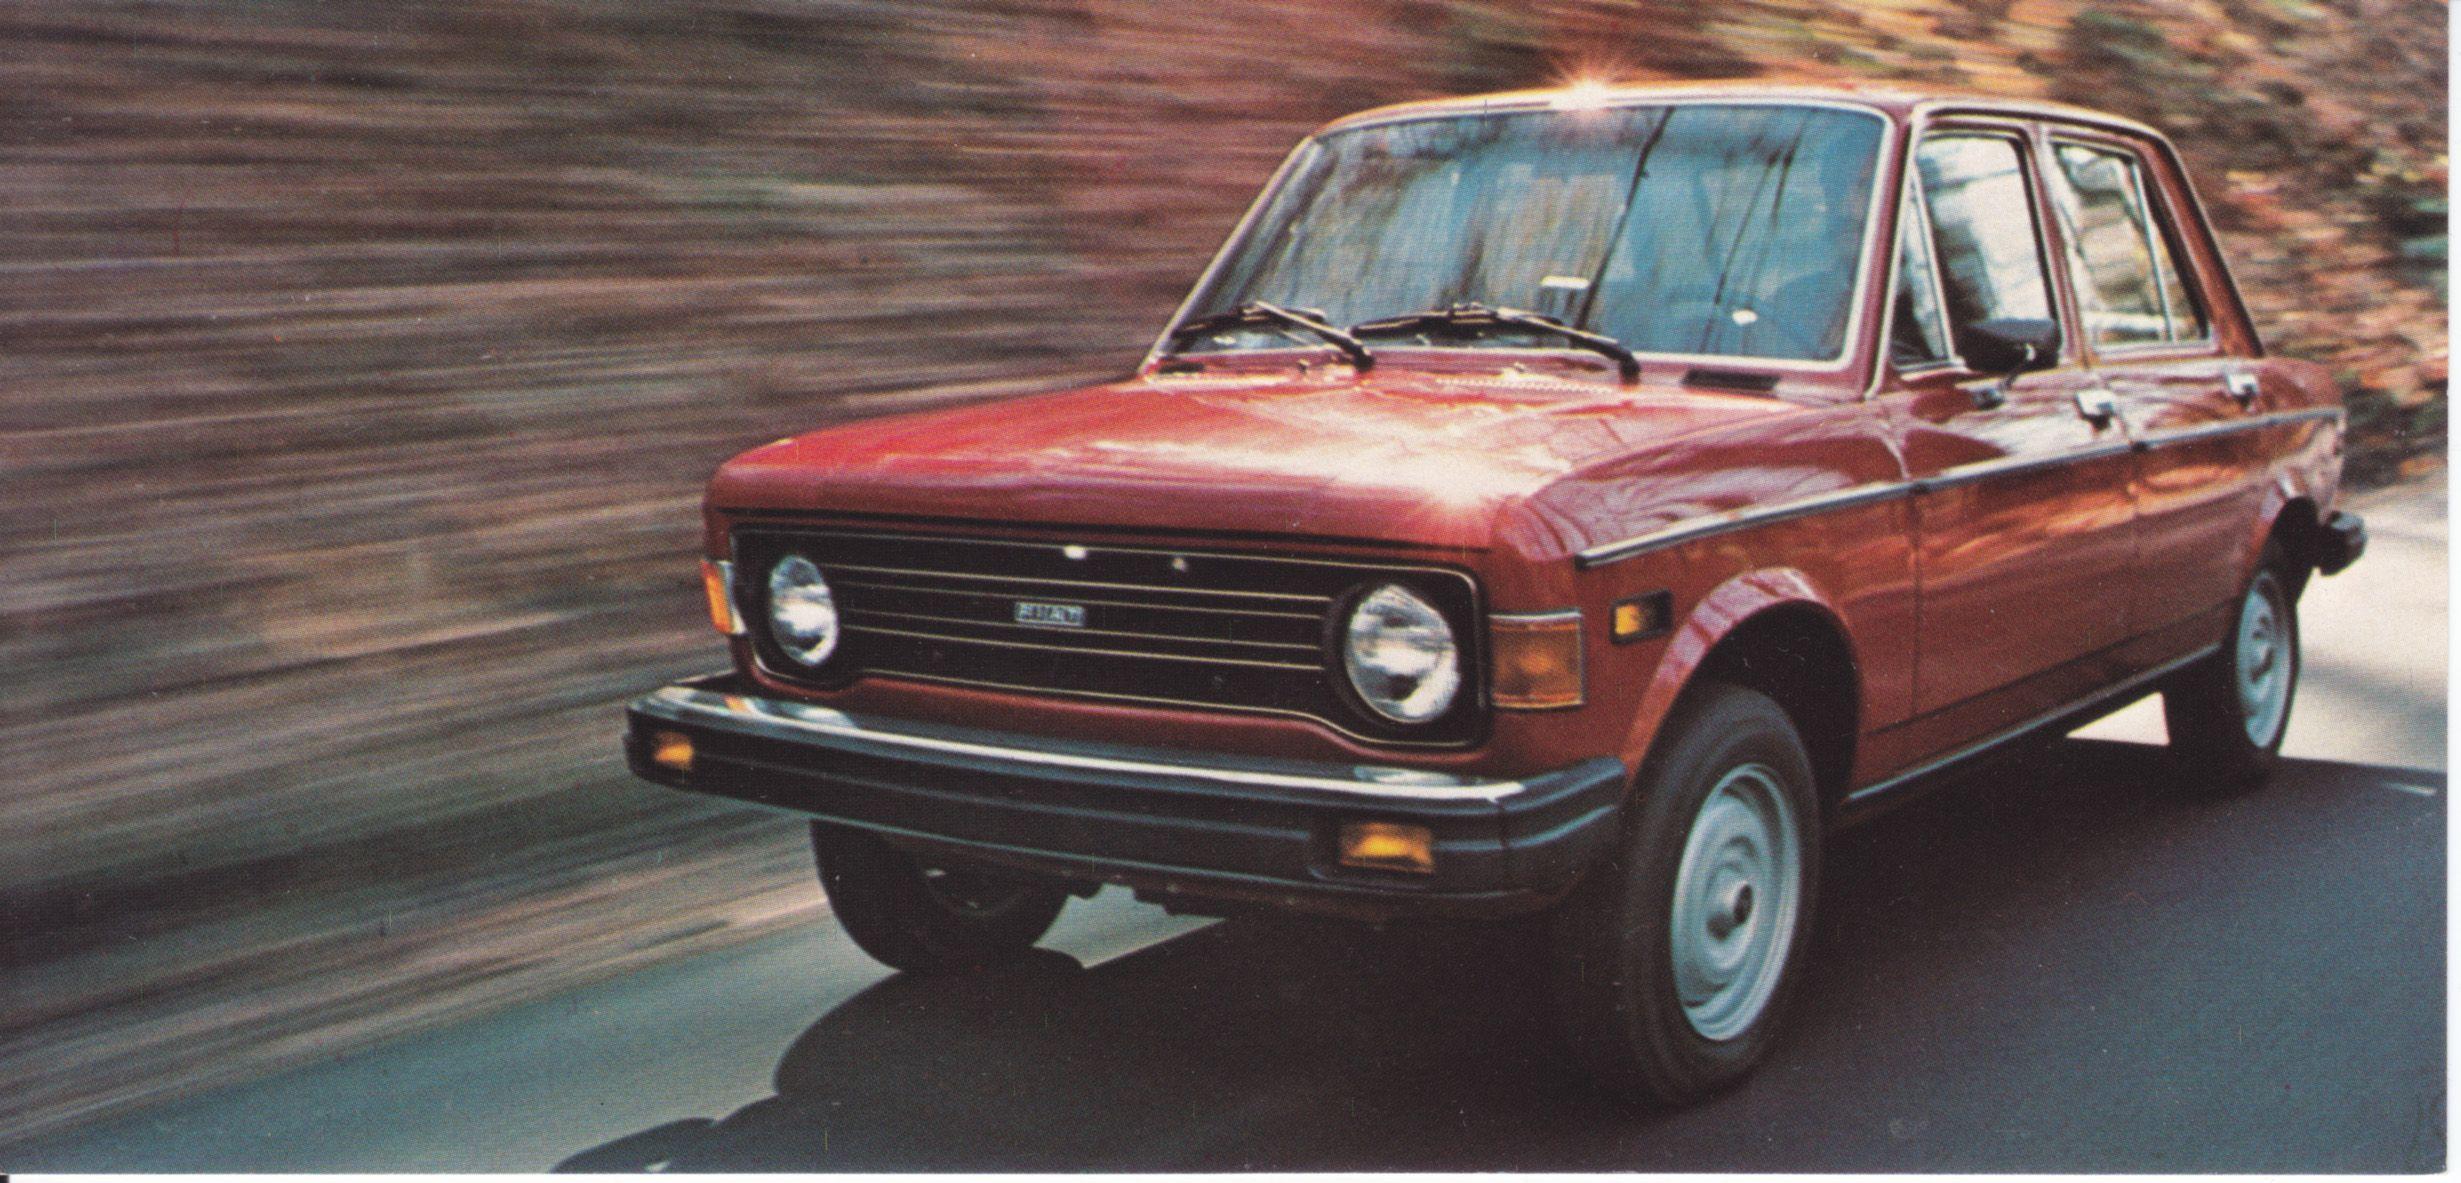 Fiat 128 Custom 4 Door Sedan Usa 7788 1977 Met Afbeeldingen